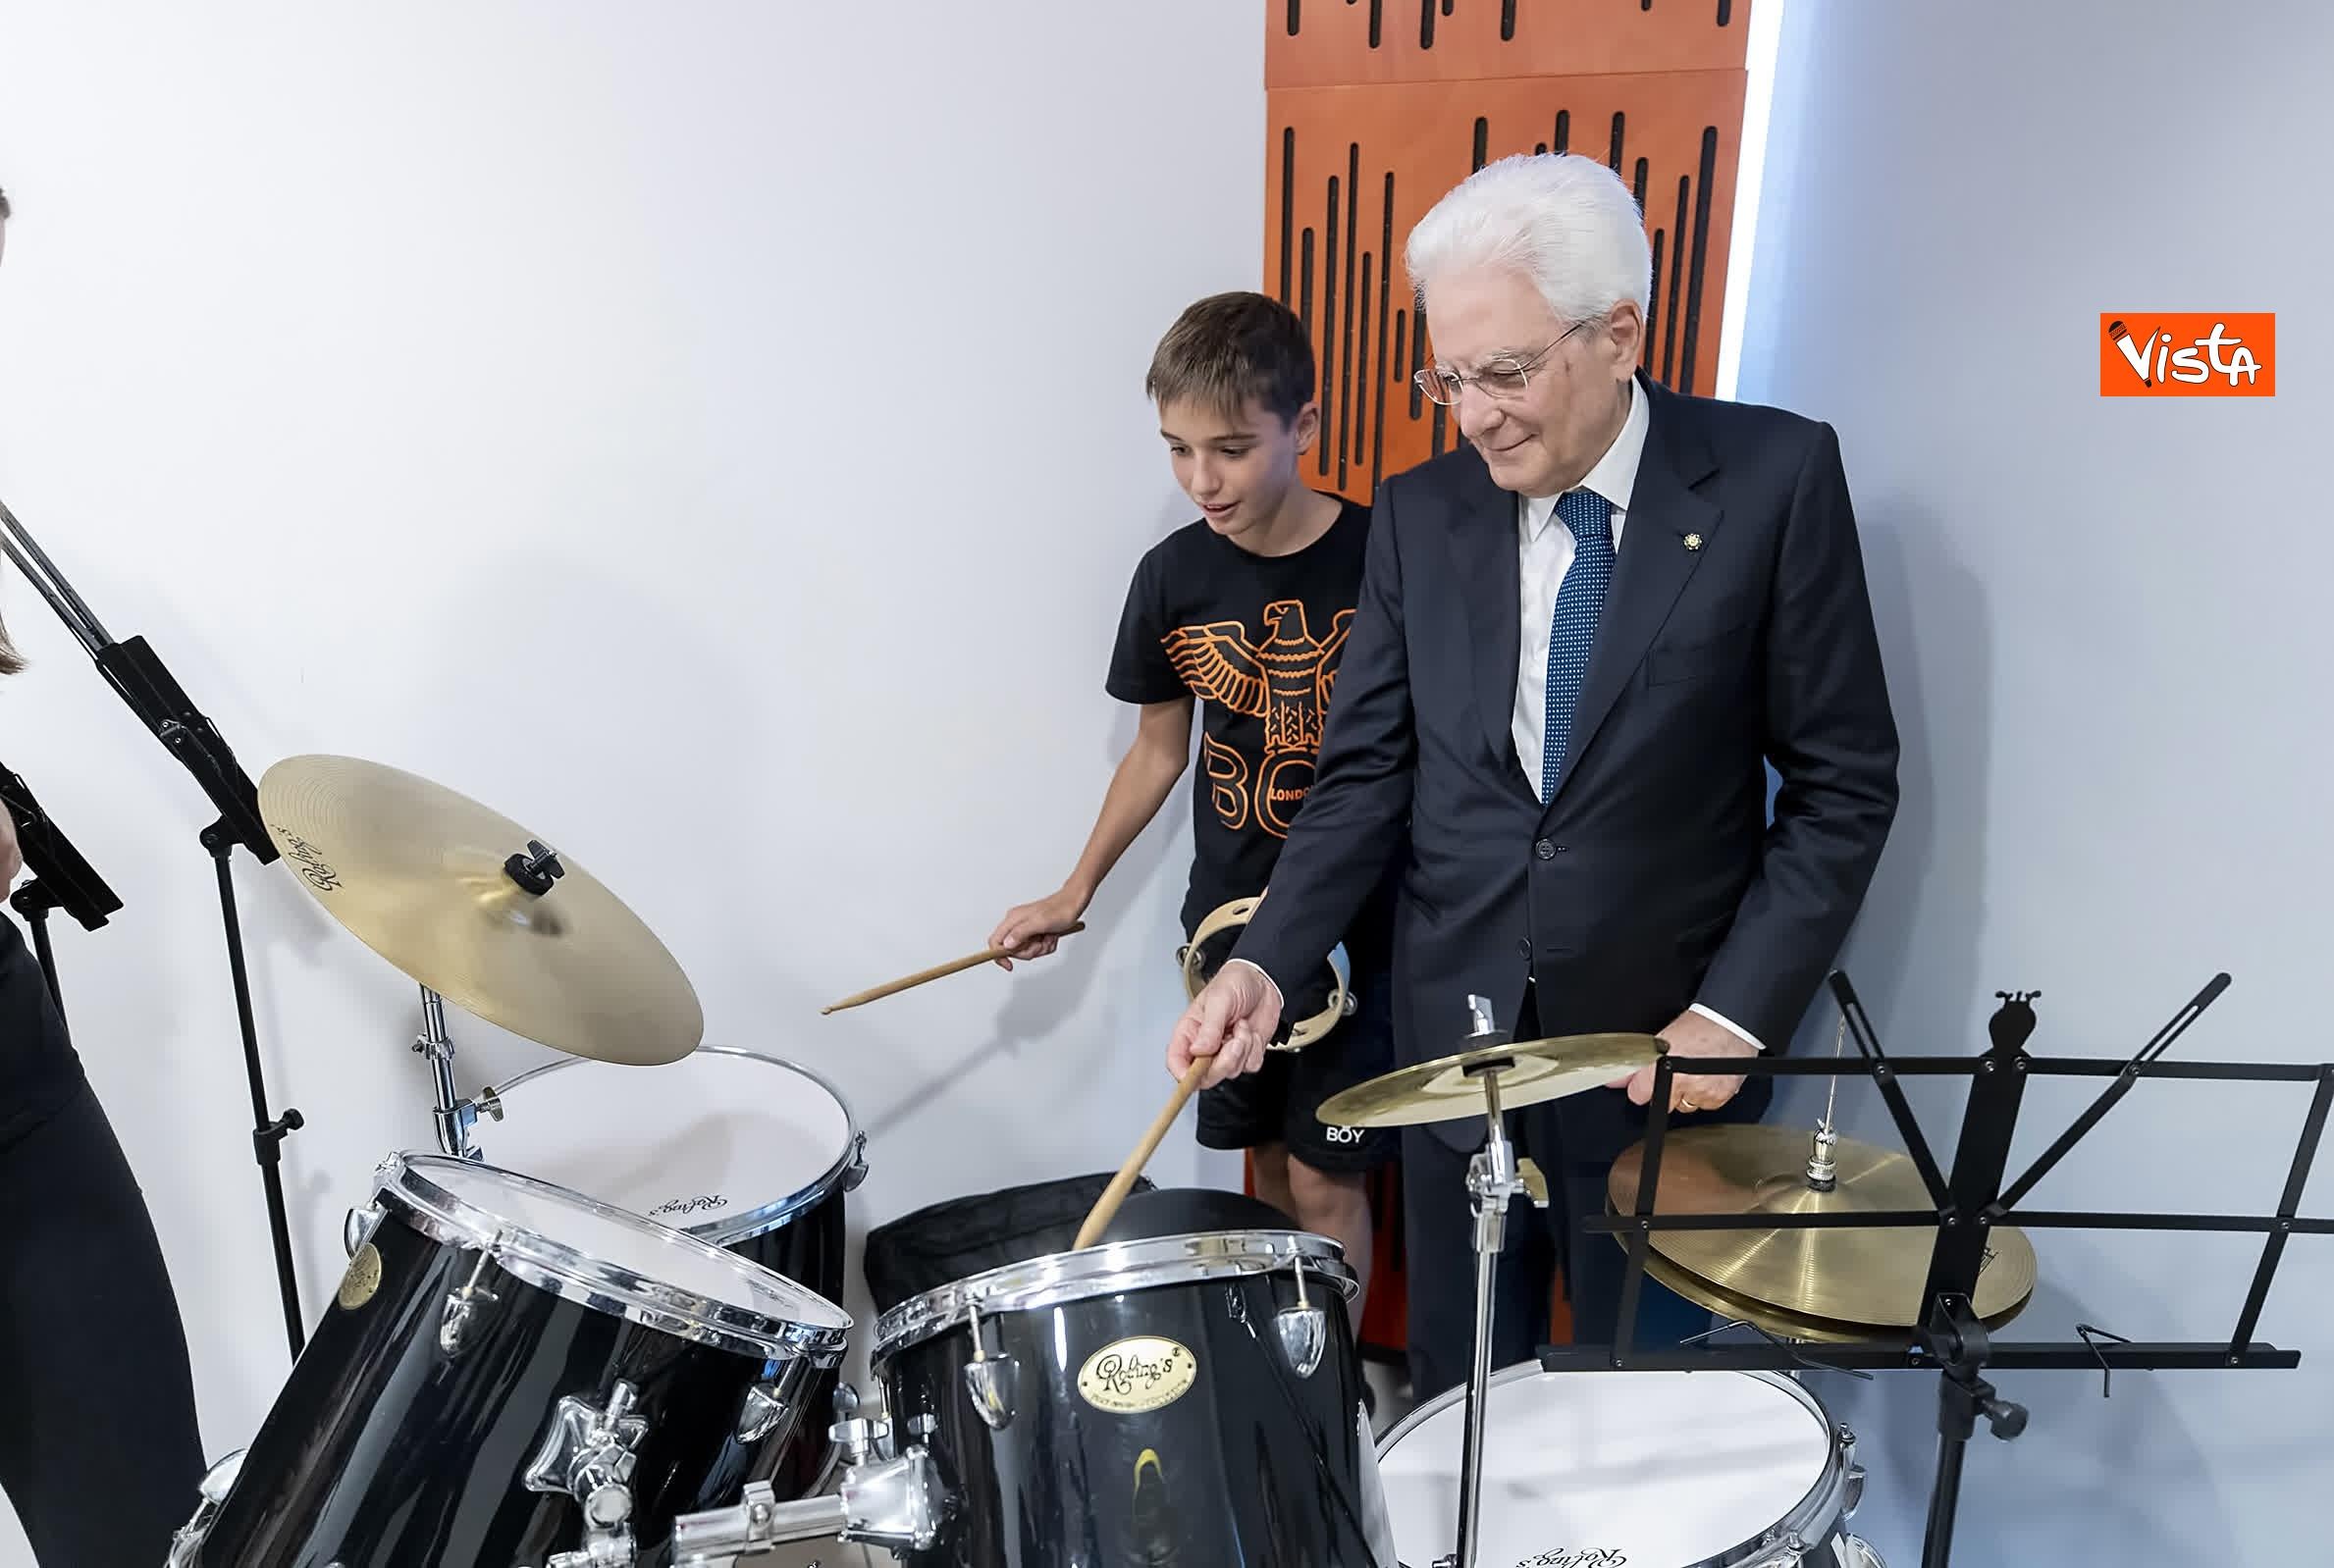 18-07-19 Il Presidente Mattarella visita l'Istituto omnicomprensivo Romolo Capranica di Amatrice_13